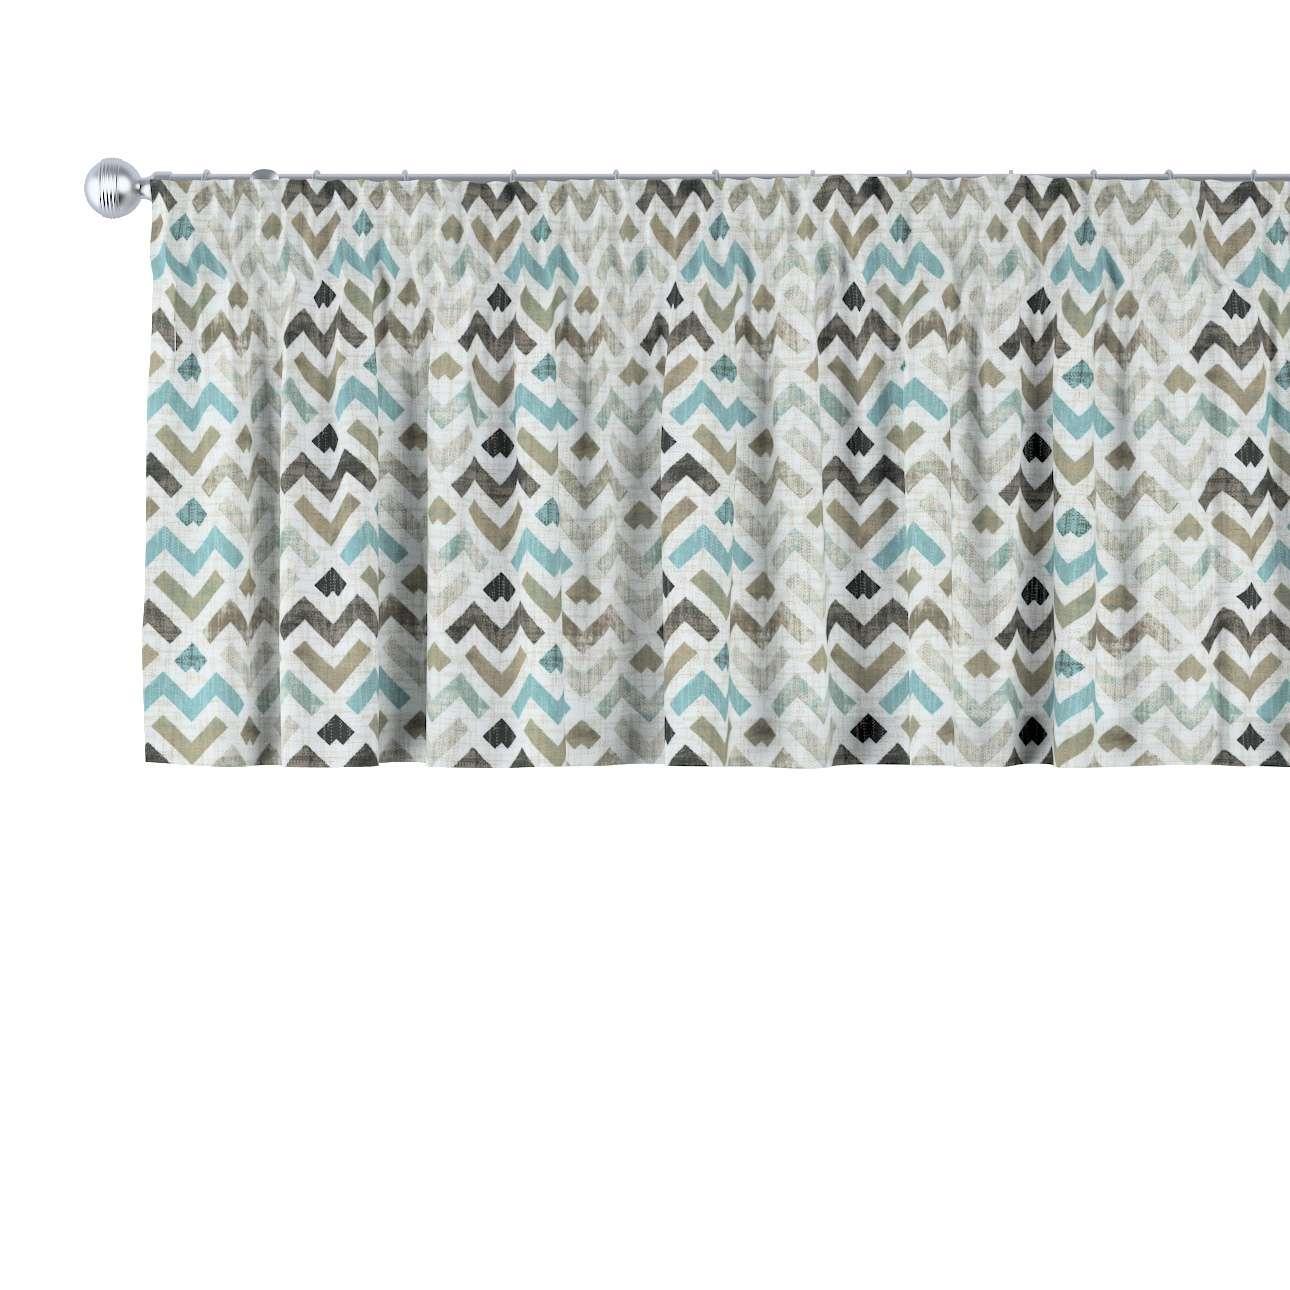 Kurzgardine mit Kräuselband von der Kollektion Modern, Stoff: 141-93